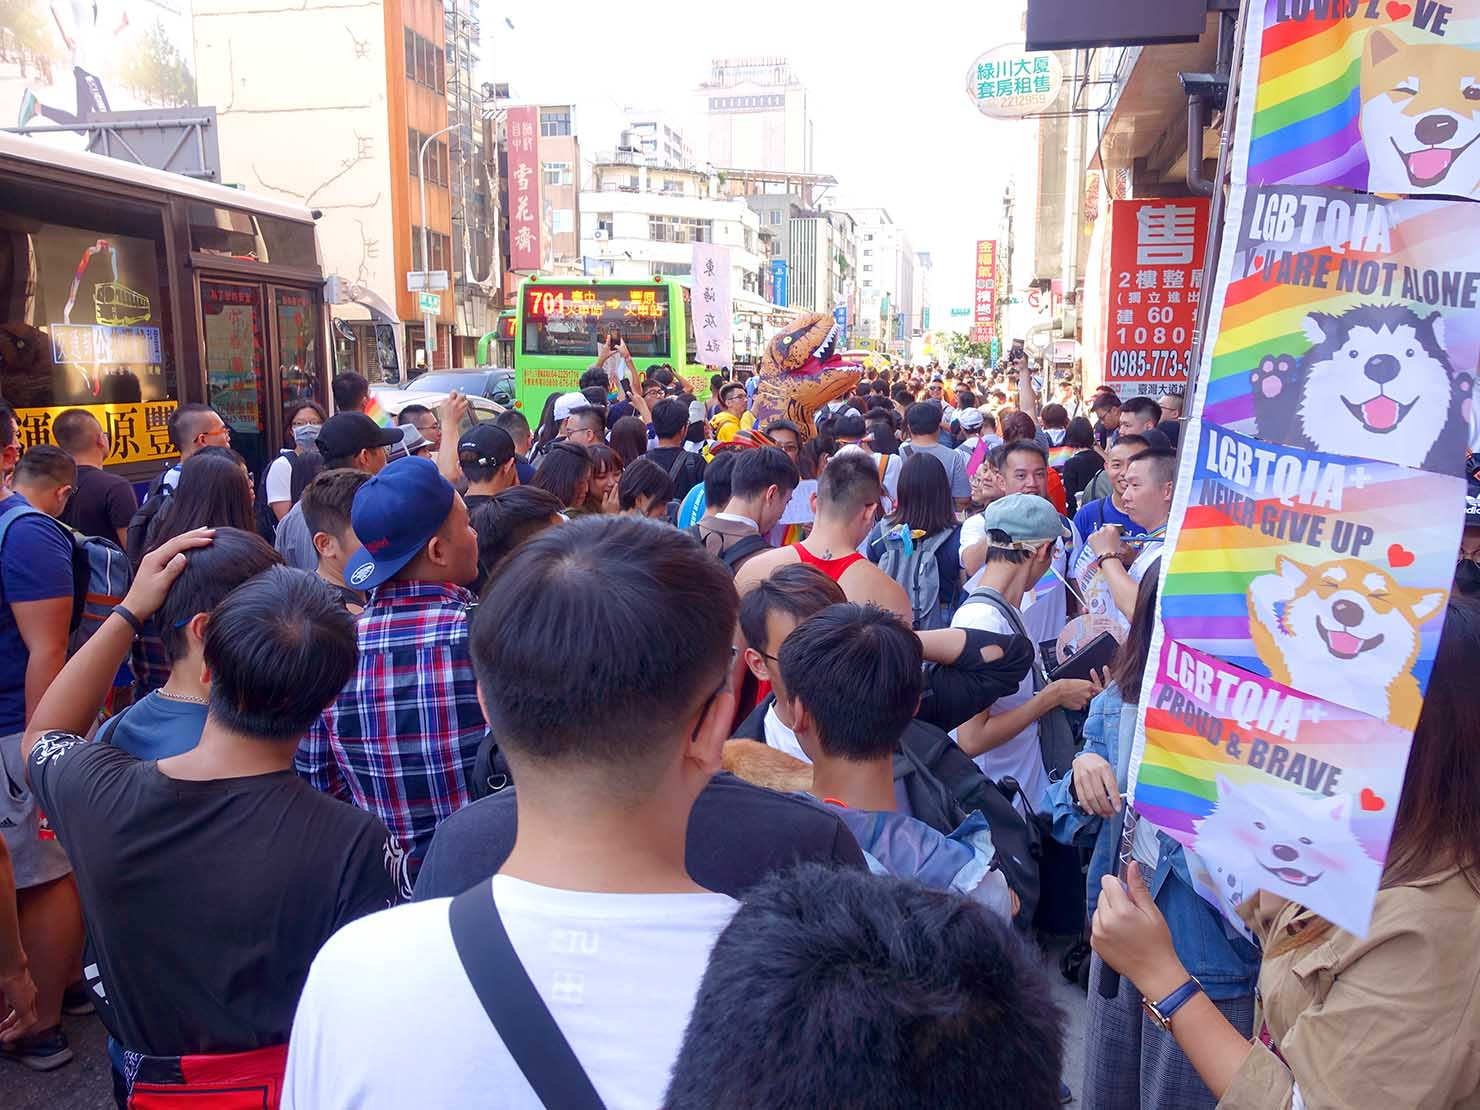 台中同志遊行(台中LGBTプライド)2019のパレード隊列